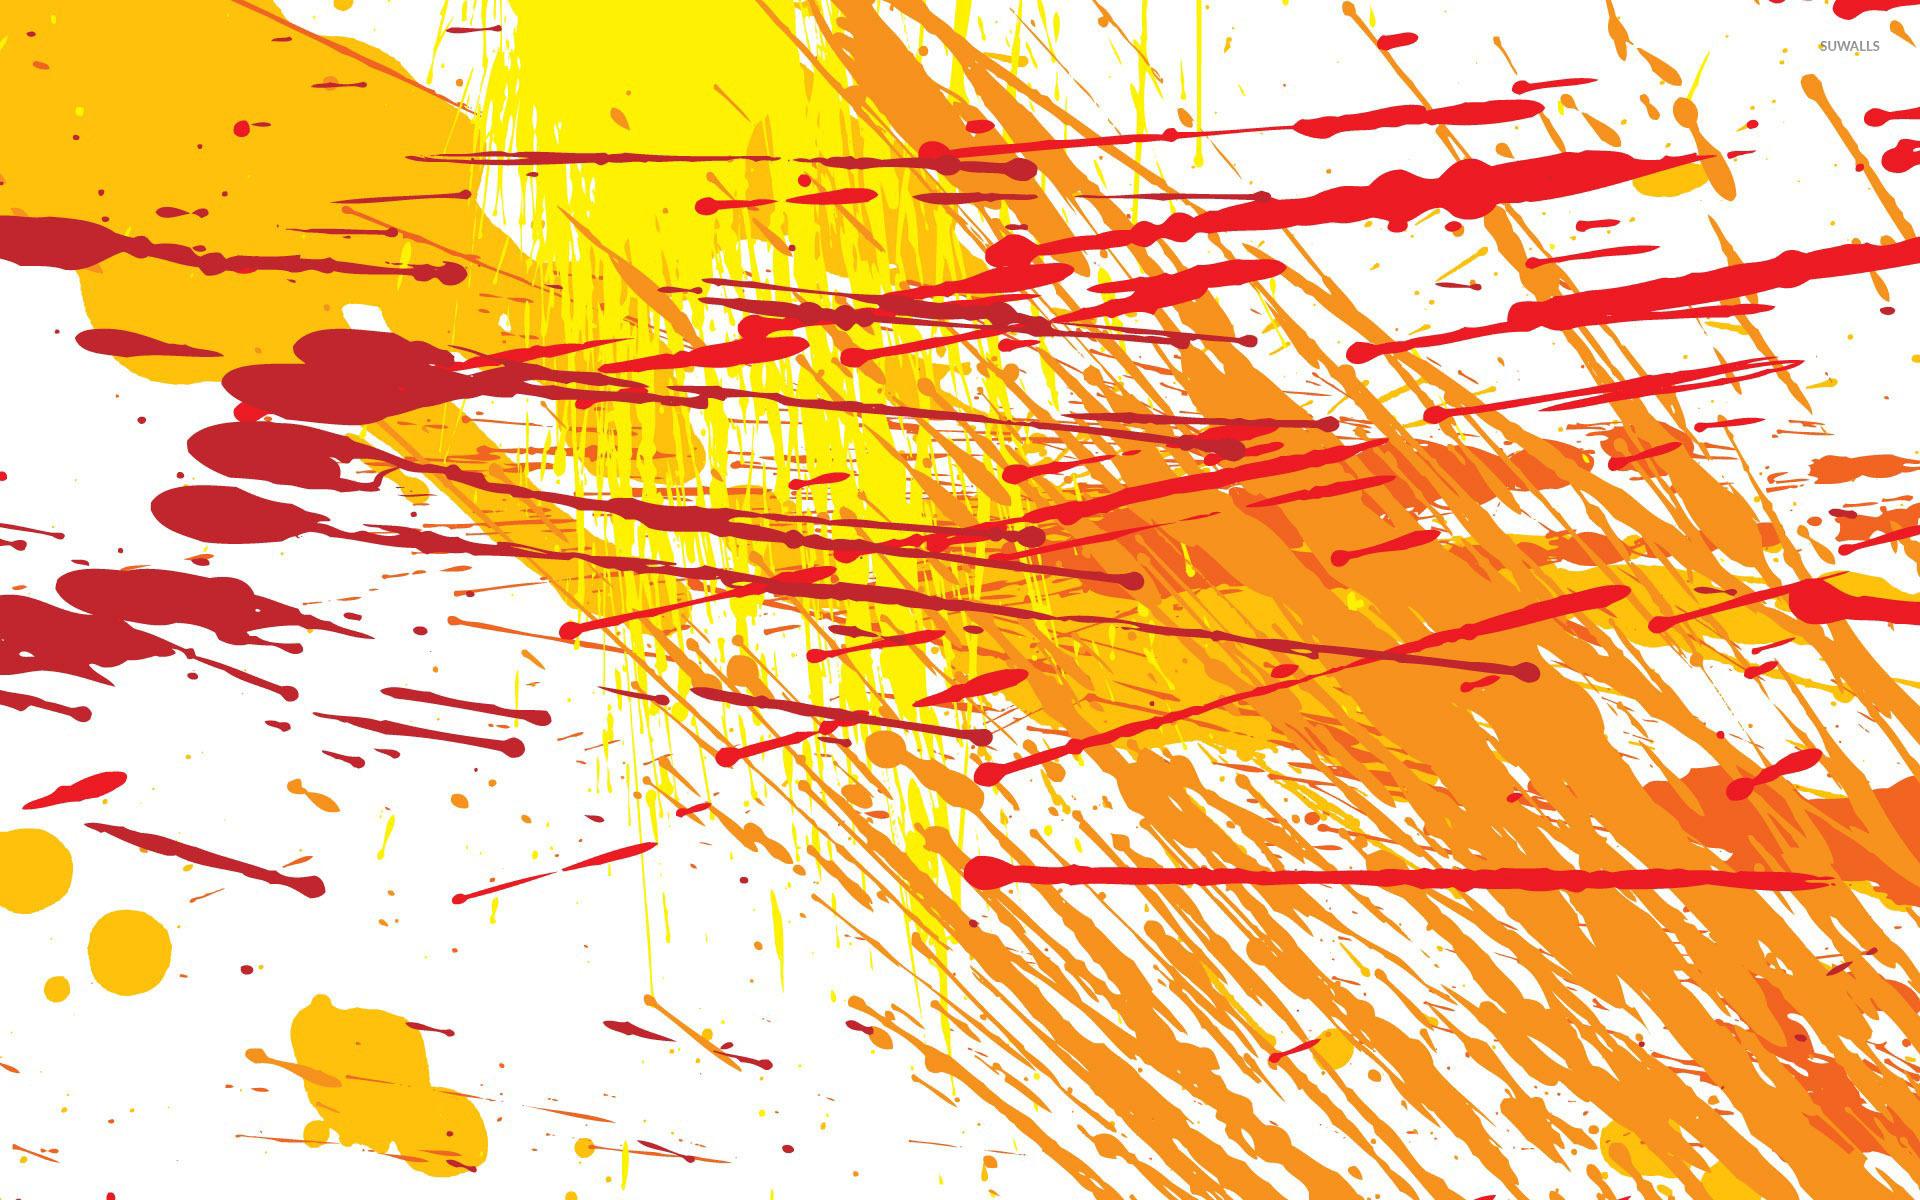 paint splatter wallpaper - abstract wallpapers - #18804